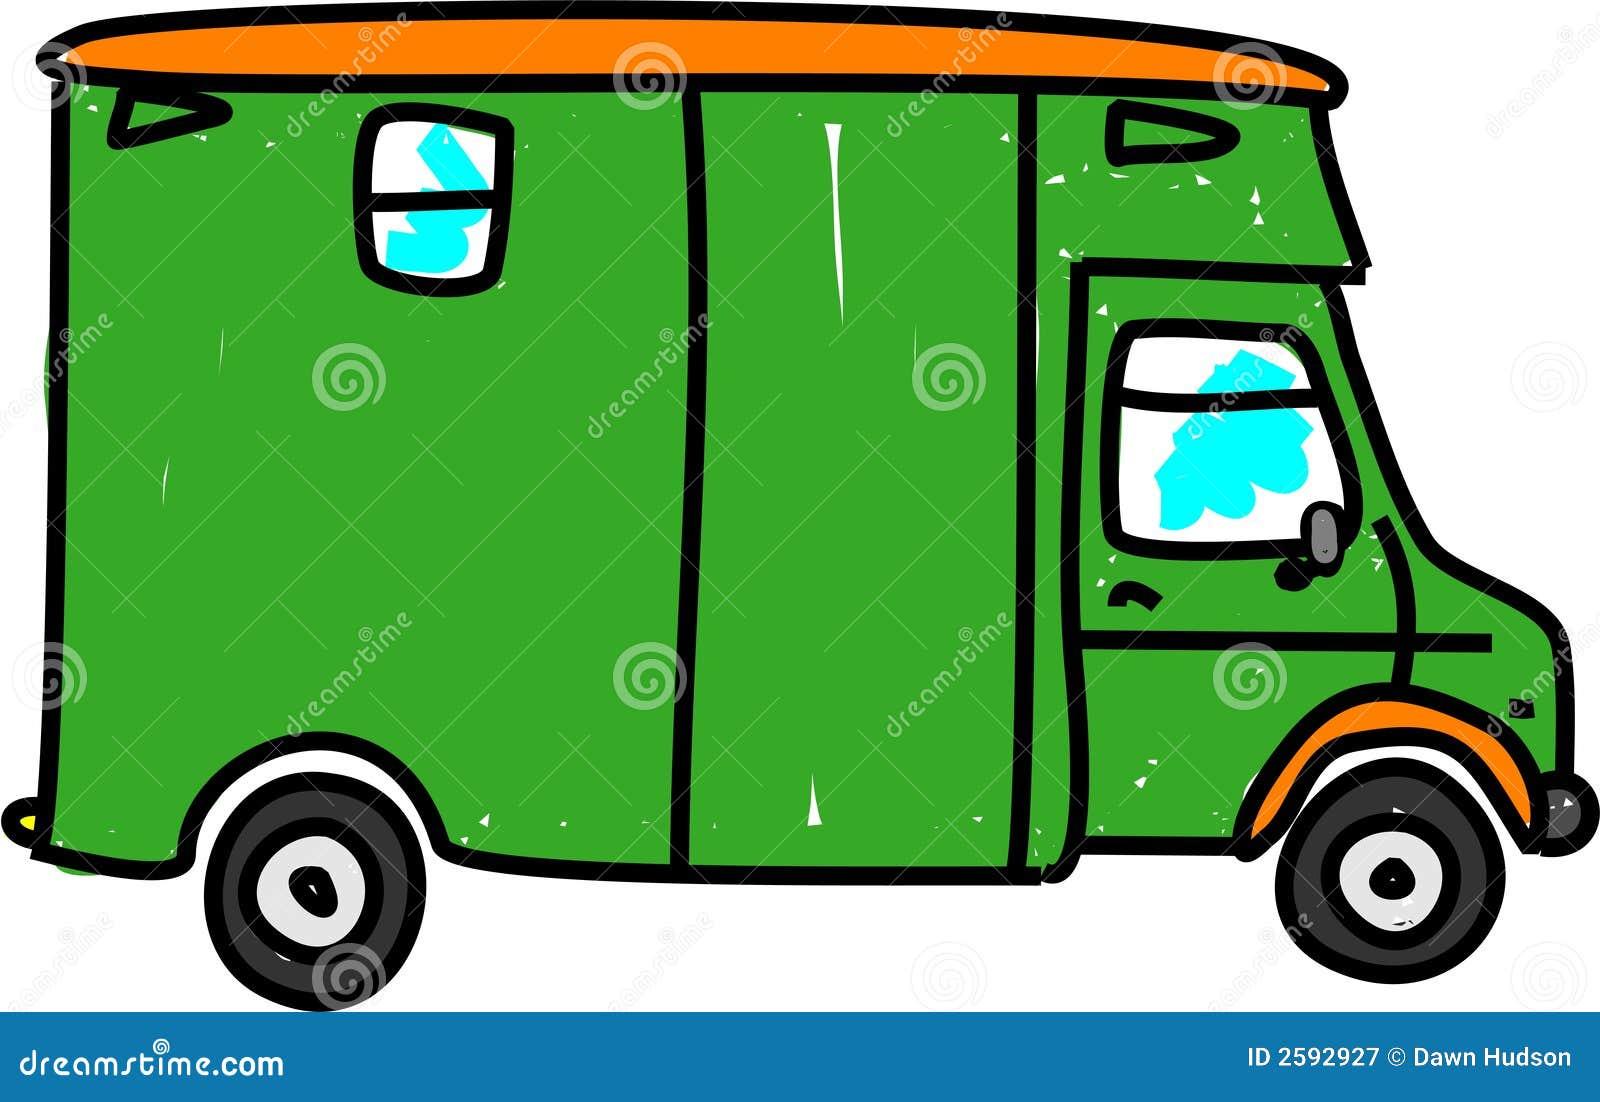 De vrachtwagen van het paard